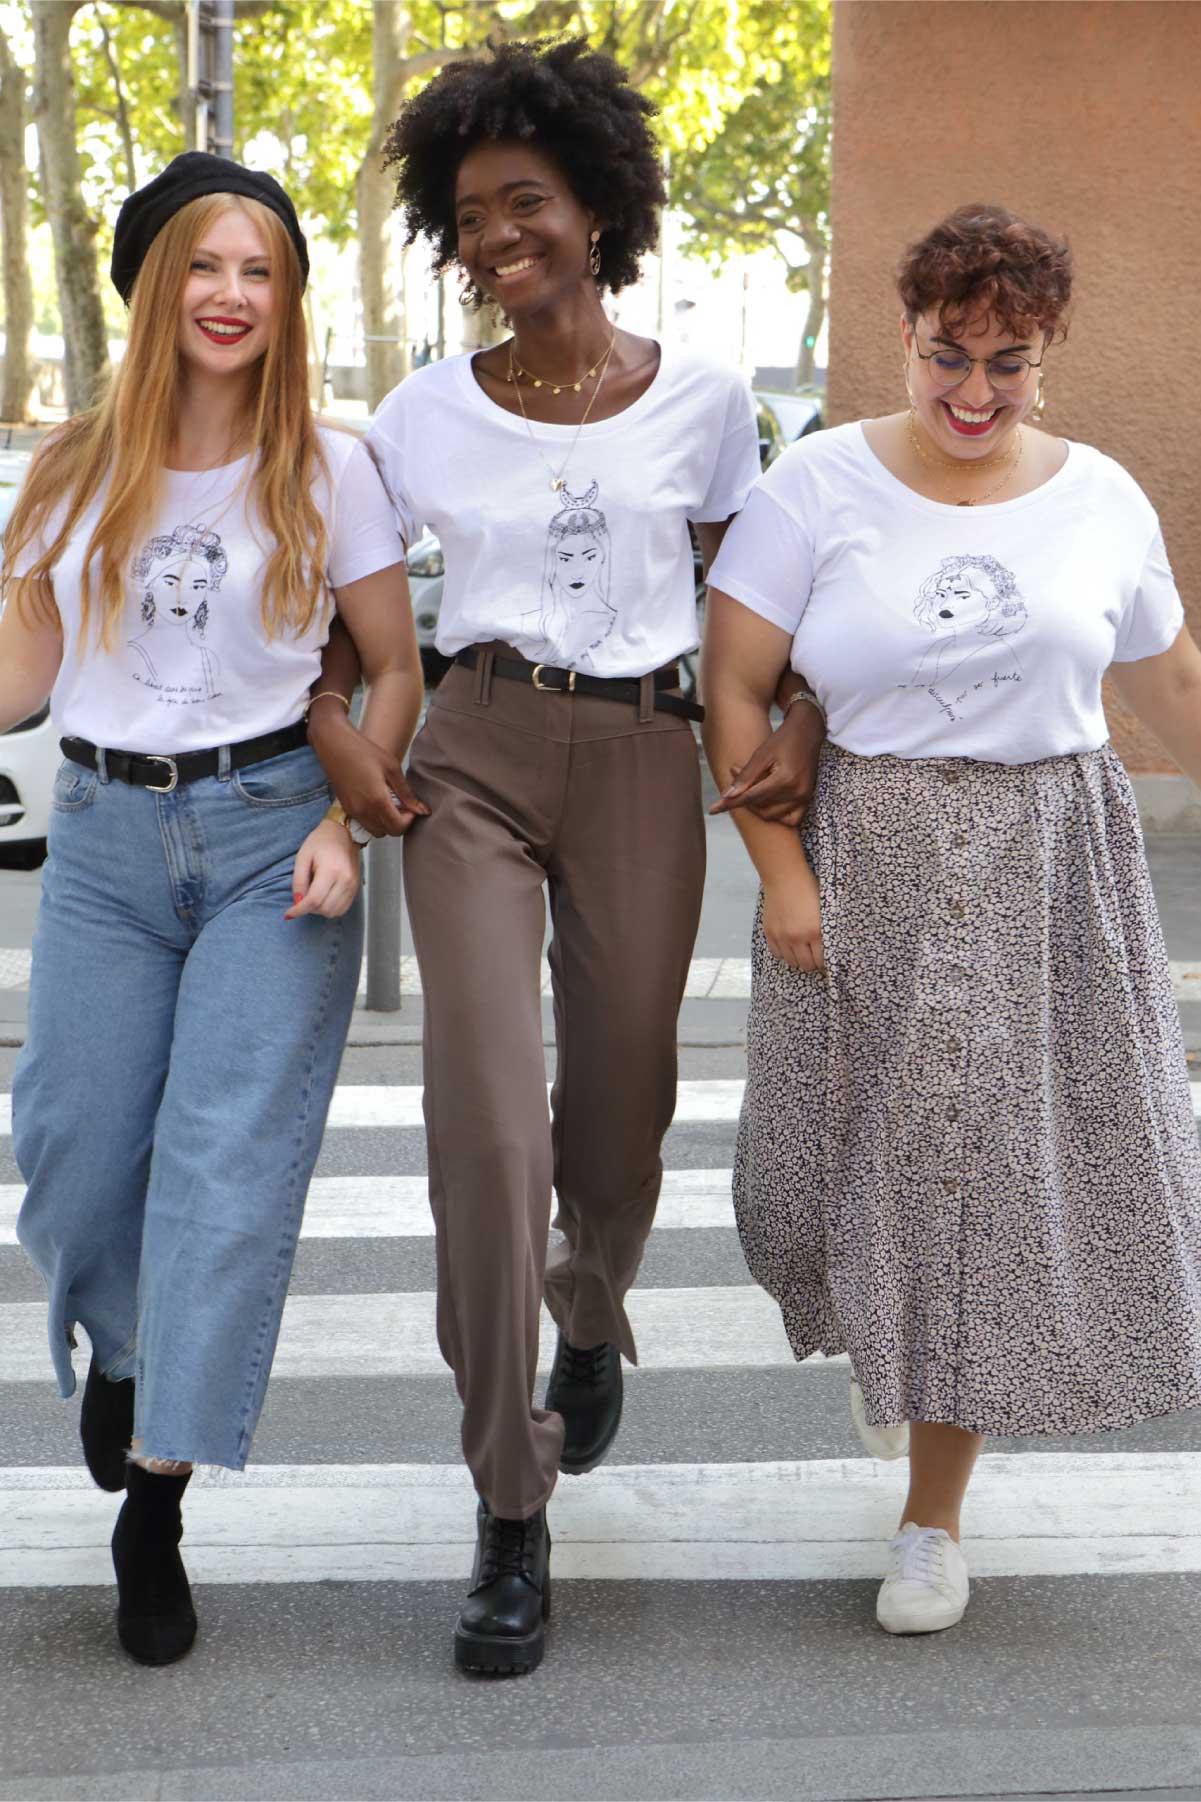 3 femmes qui traversent la rue mains dans la main avec les nouvelle collection reinas leonor roversi